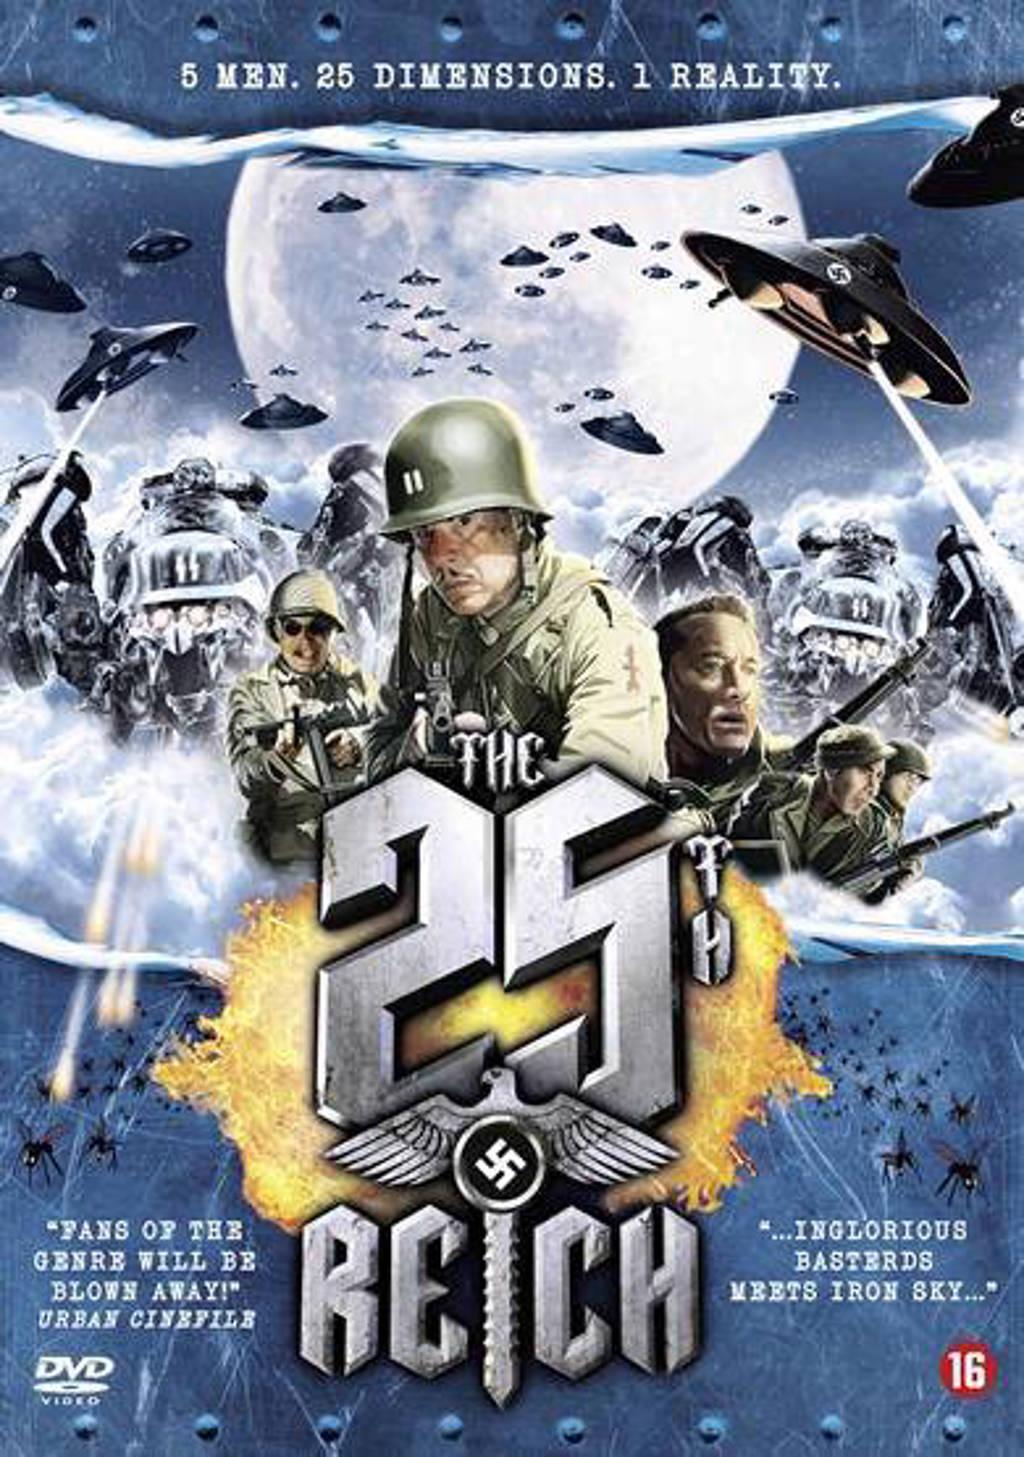 25th reich (DVD)